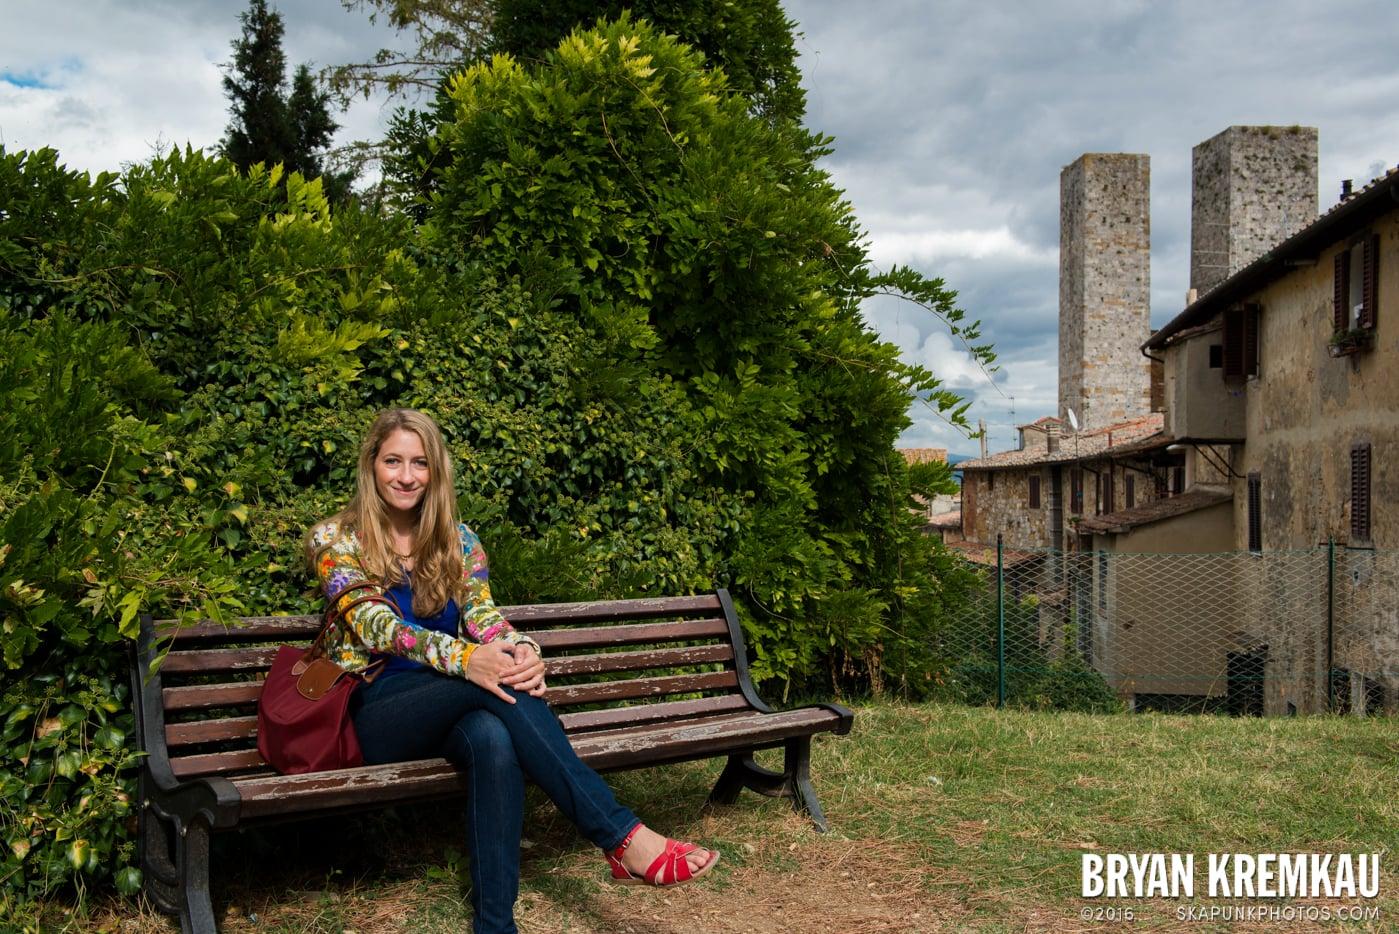 Italy Vacation - Day 8: Siena, San Gimignano, Chianti, Pisa - 9.16.13 (52)